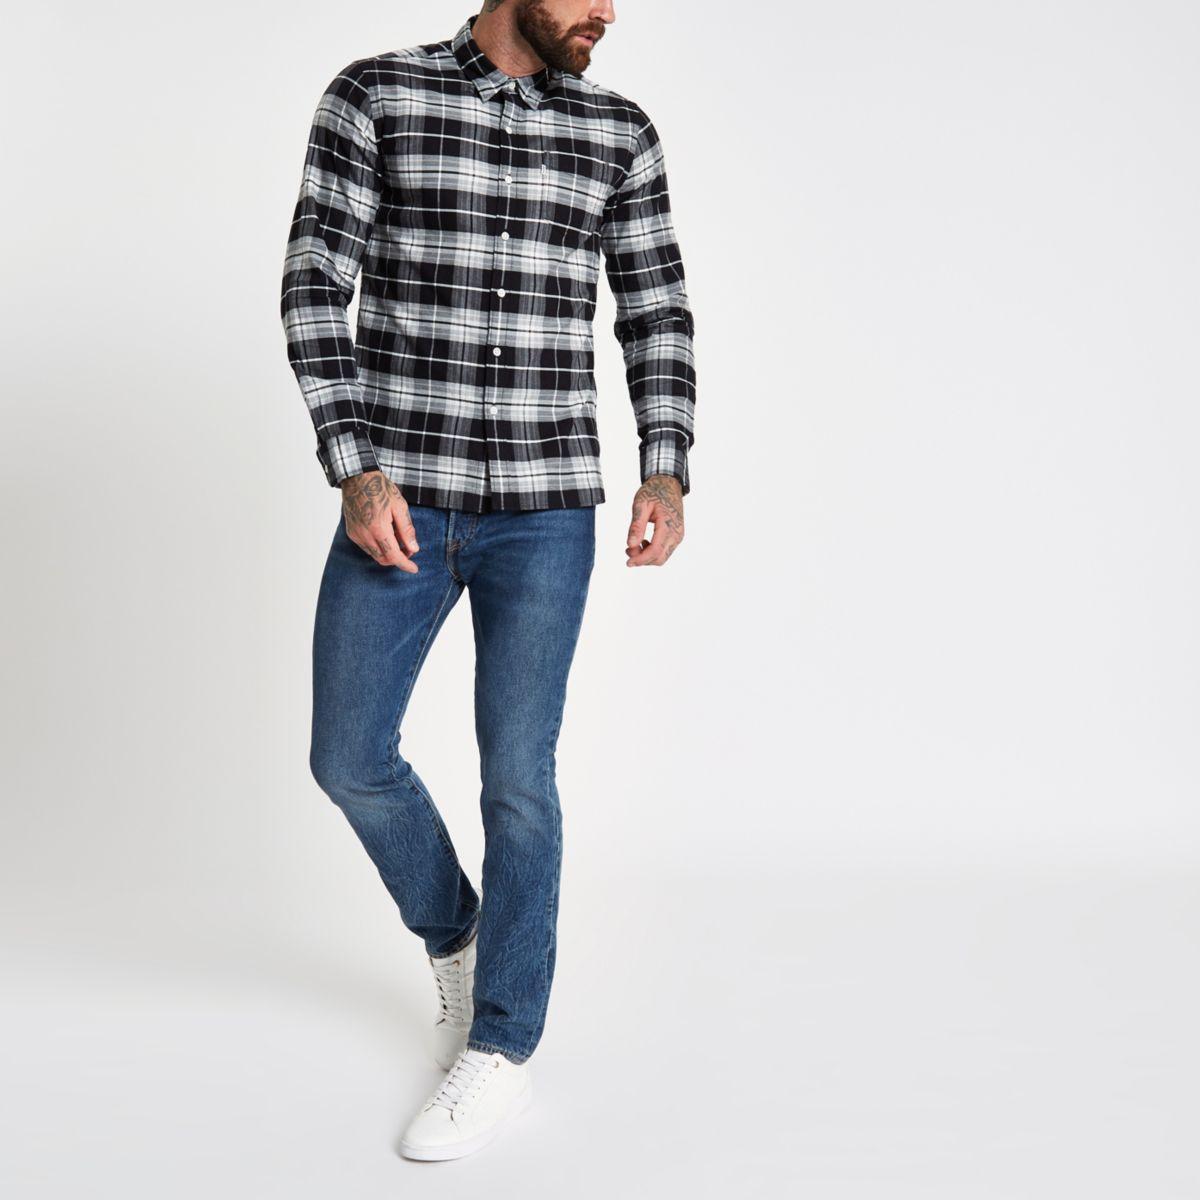 check sleeve grey shirt Levi's long wSXRqn7f